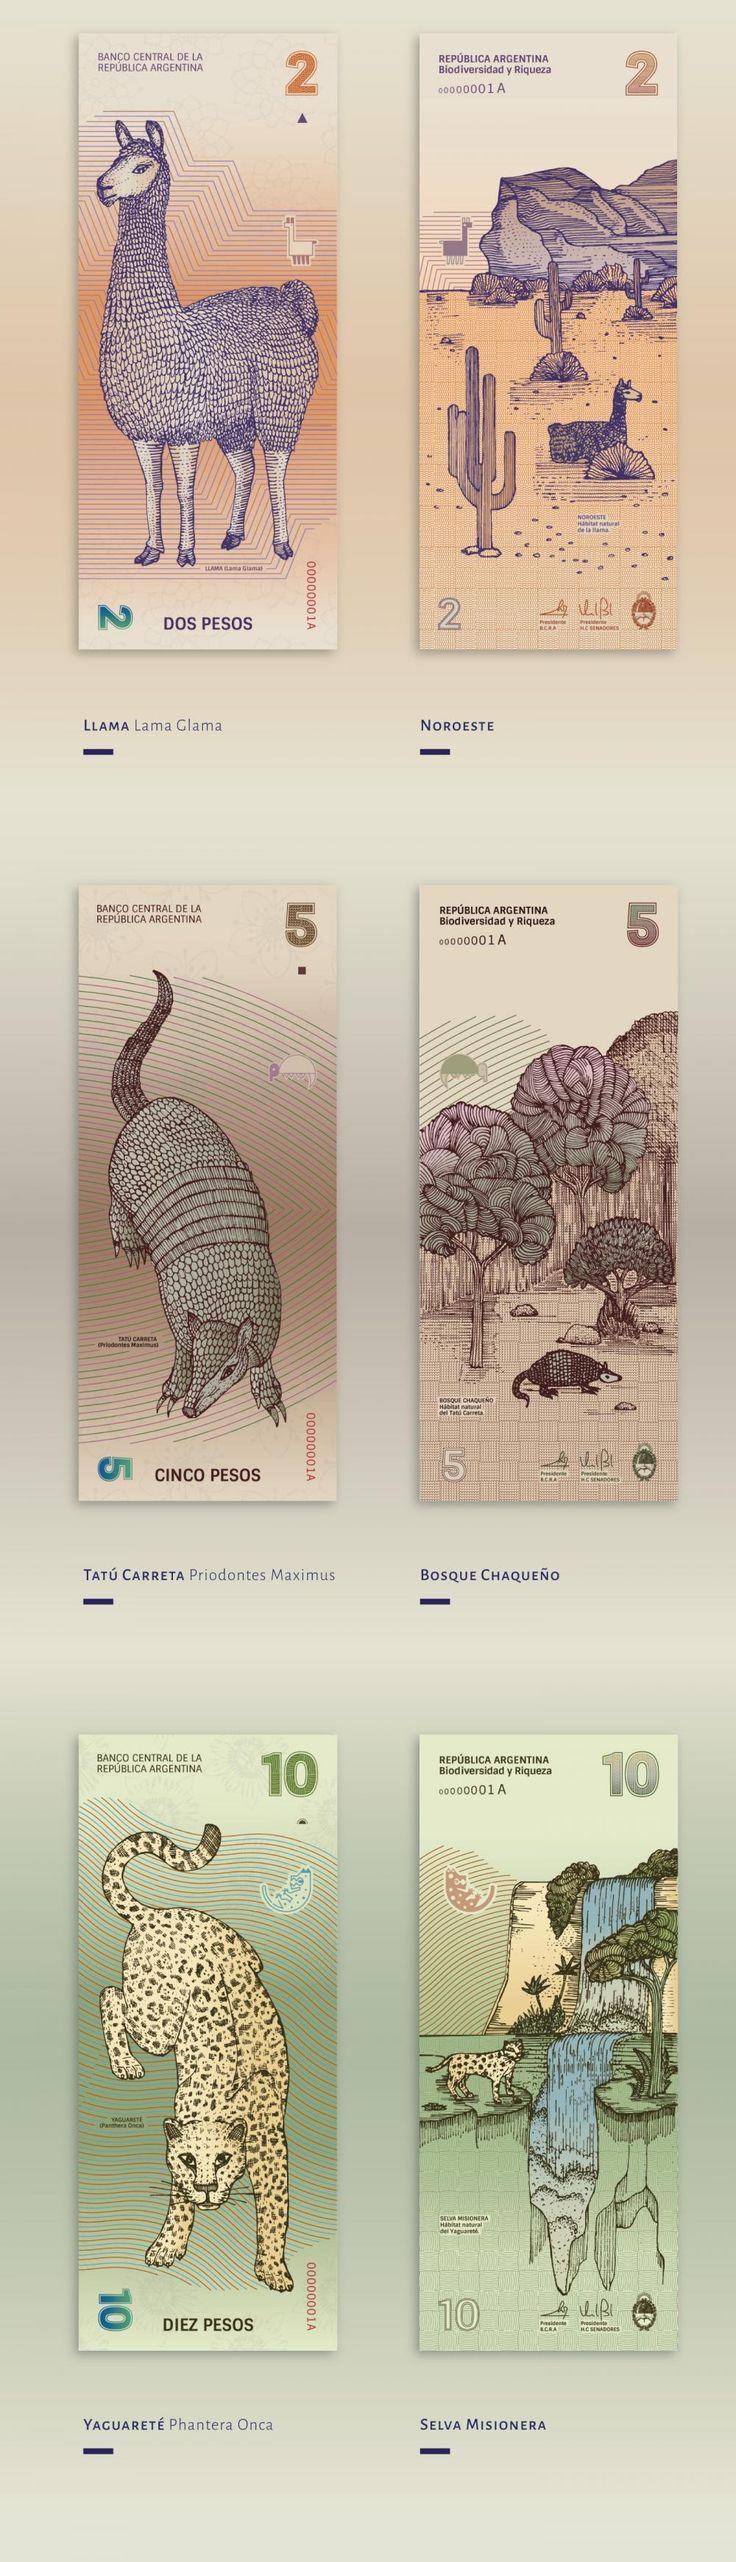 Arjantin'in Doğal Dokusundan Beslenen Banknot Tasarımları  #money #banknote #papermoney #design #nature #tasarım #para #doğa